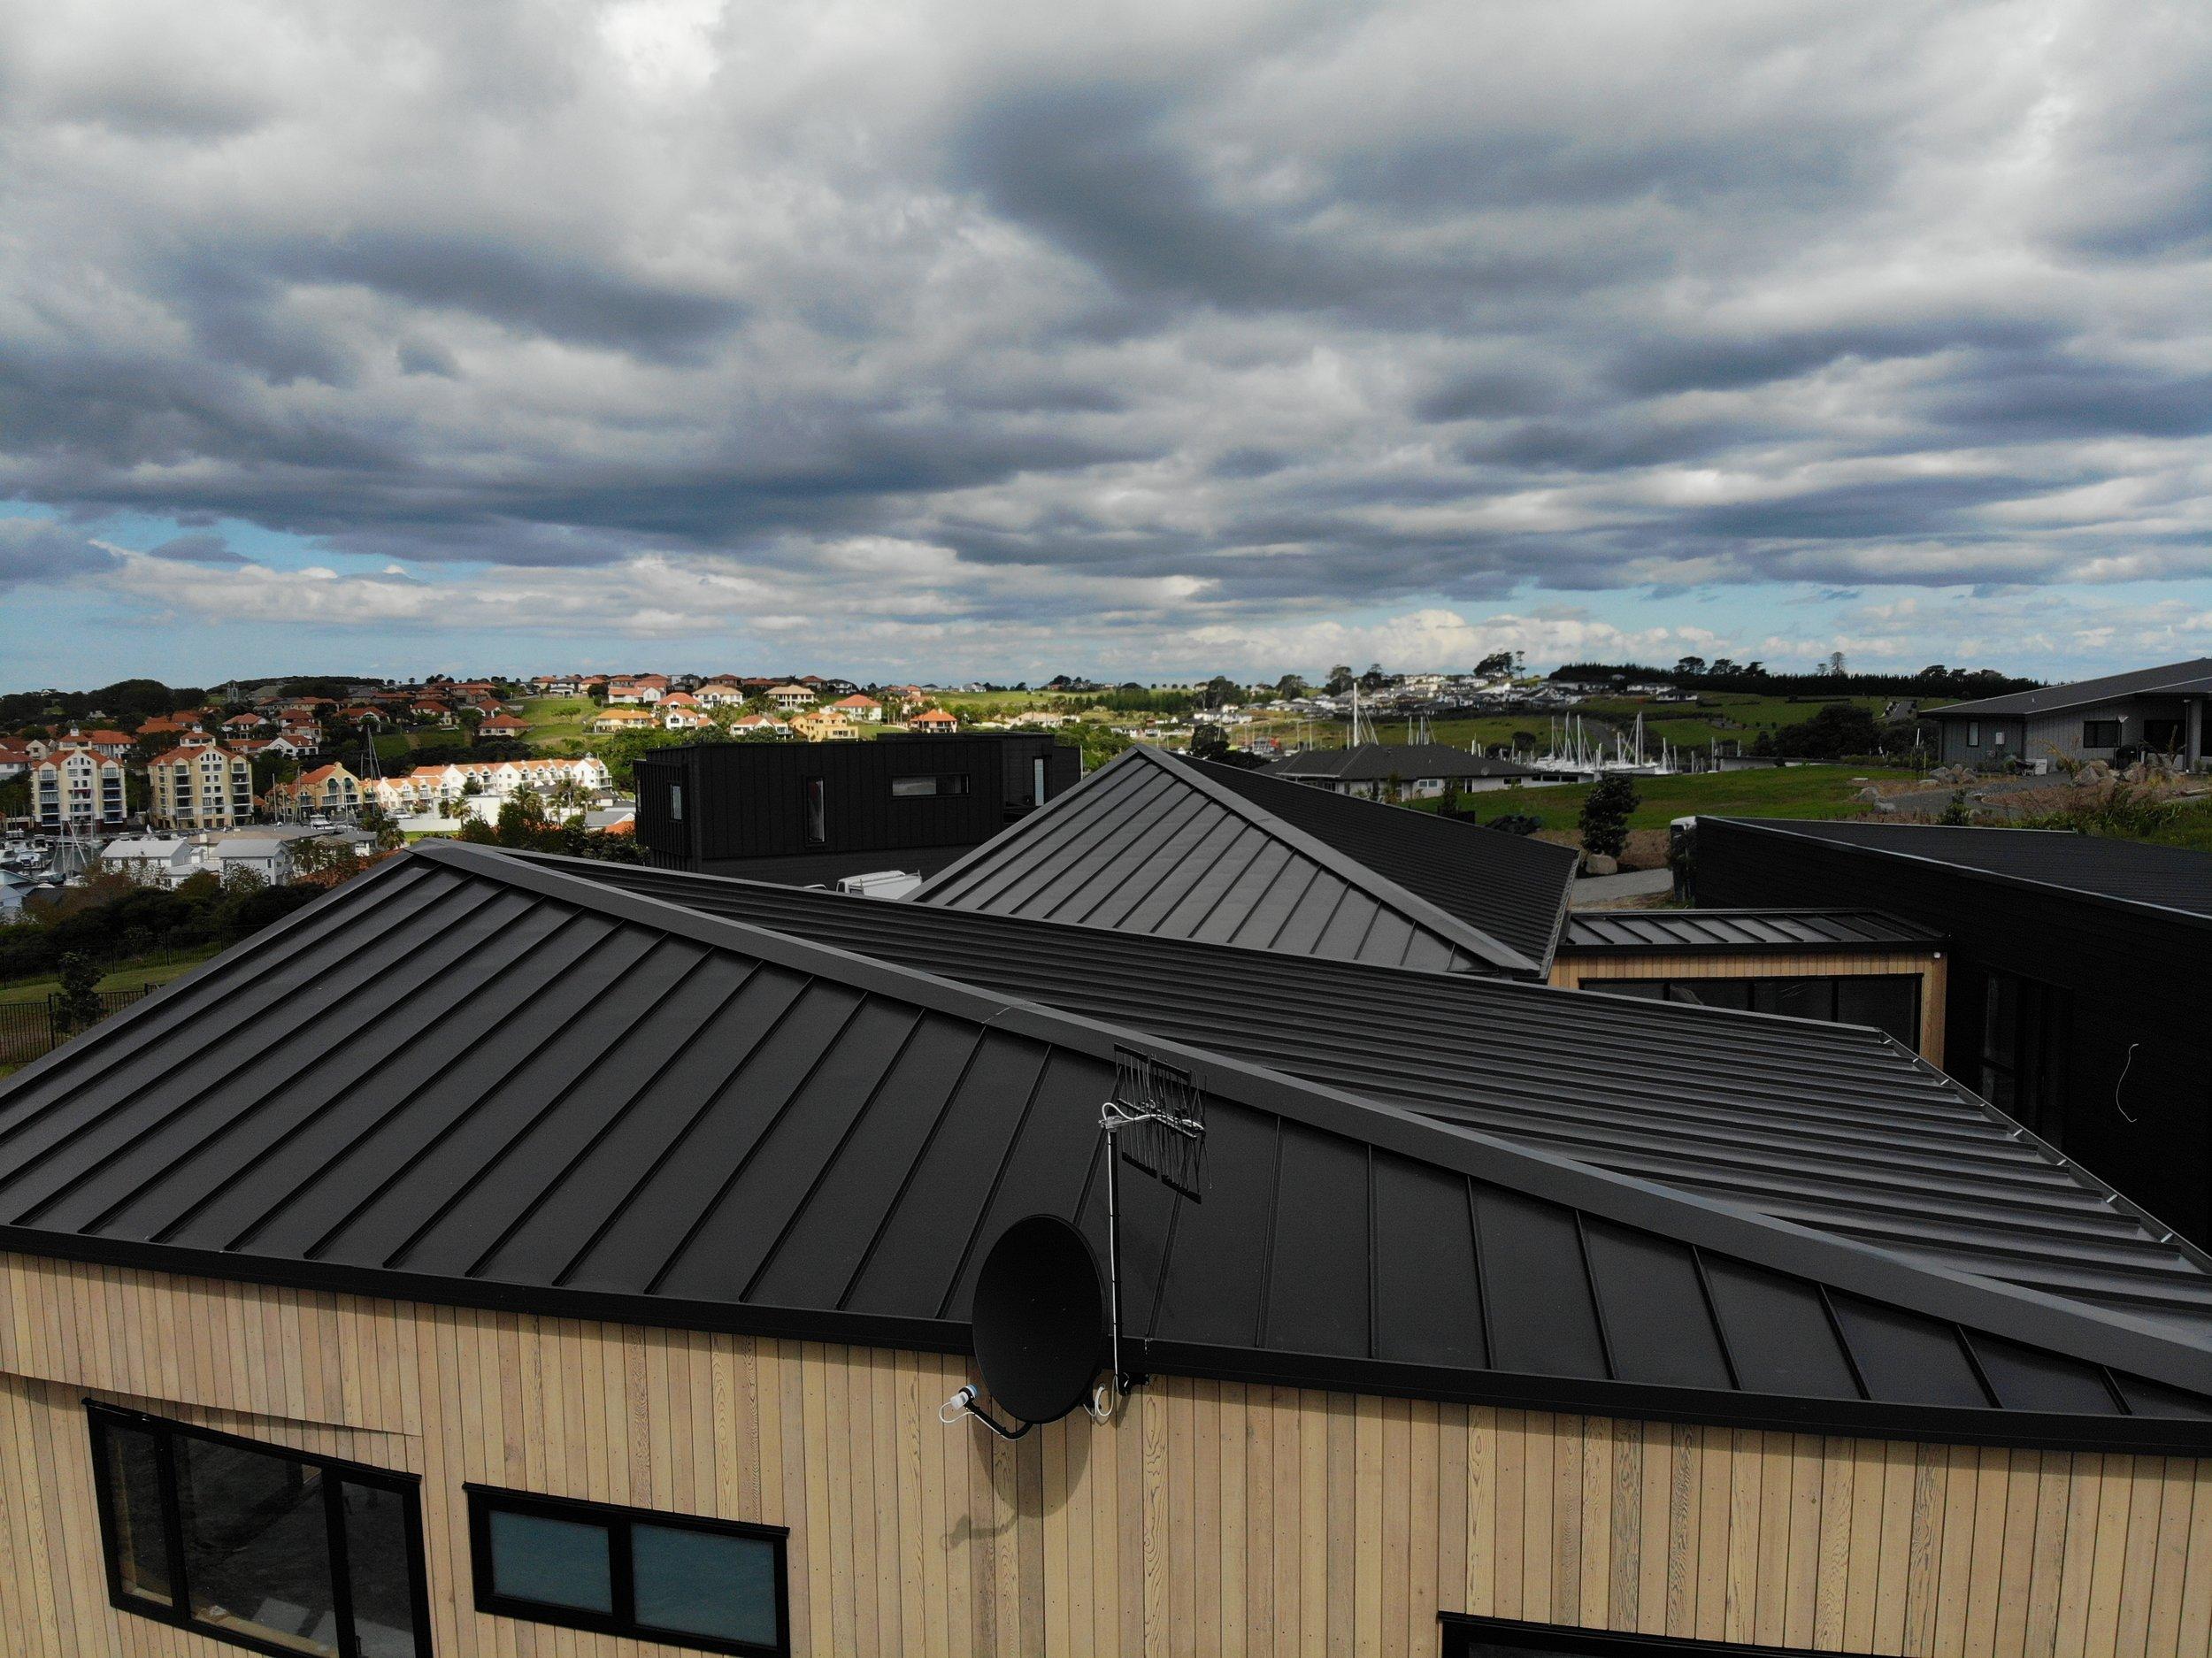 The-Roofing-Store-Steel-Metal-Super-Seam-540-Raven-5.jpg.jpg